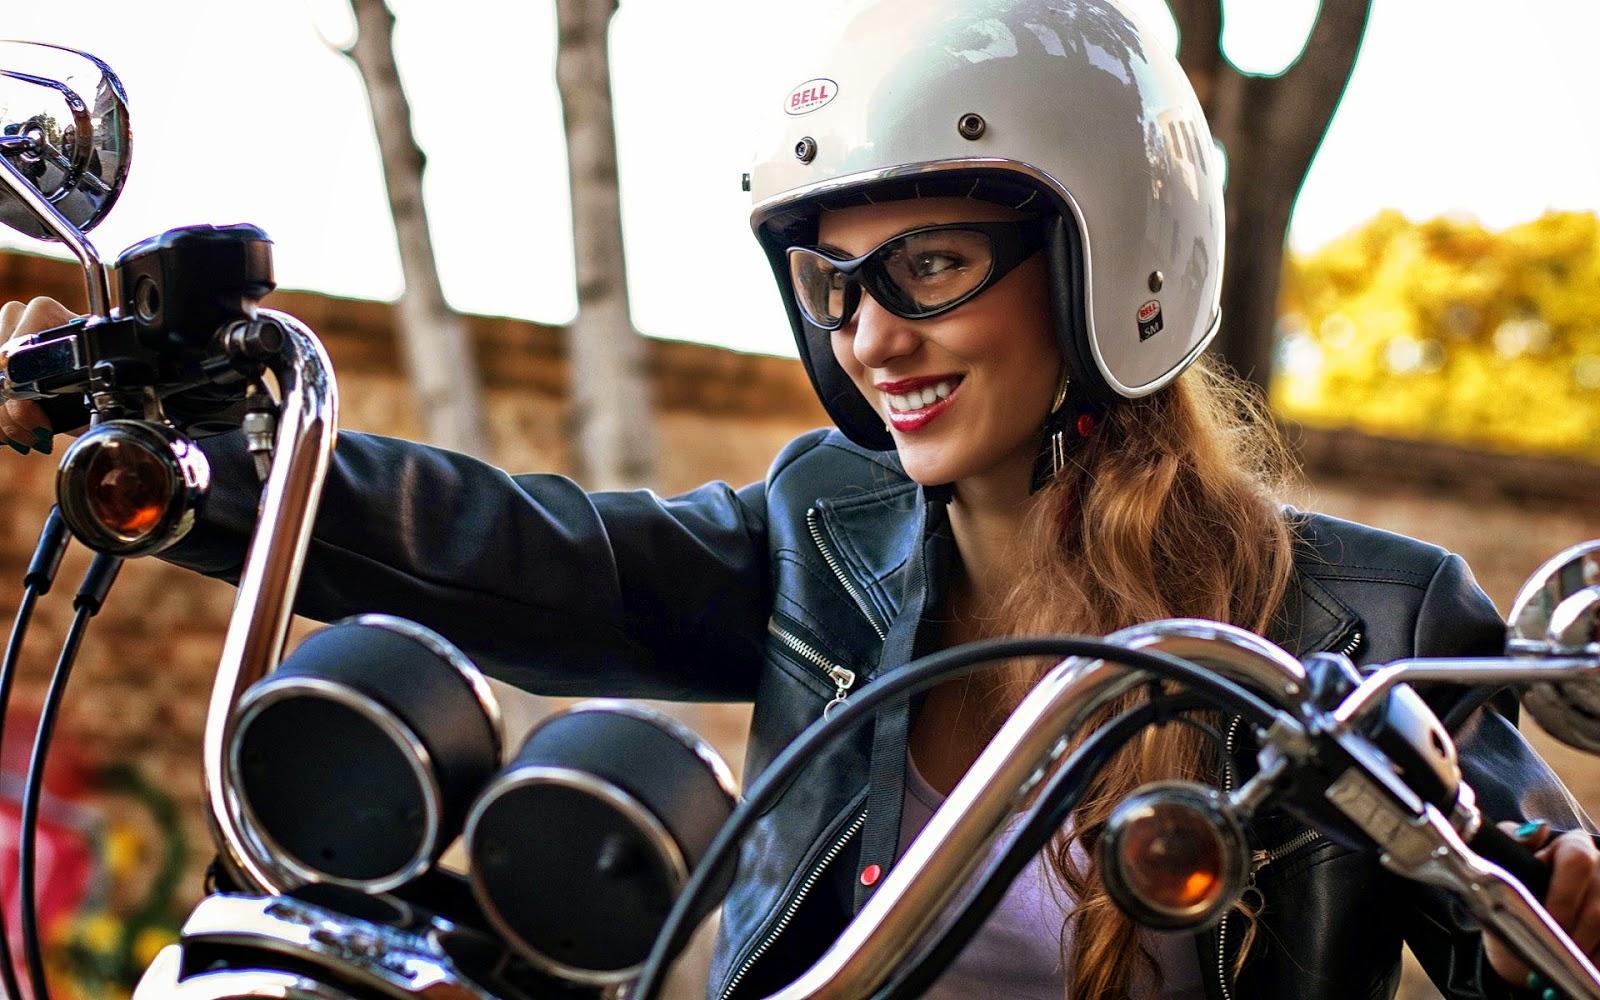 Të ndryshme! - Faqe 4 Foto-von-frau-auf-einem-motorrad-mit-lederjacke-brille-und-helm